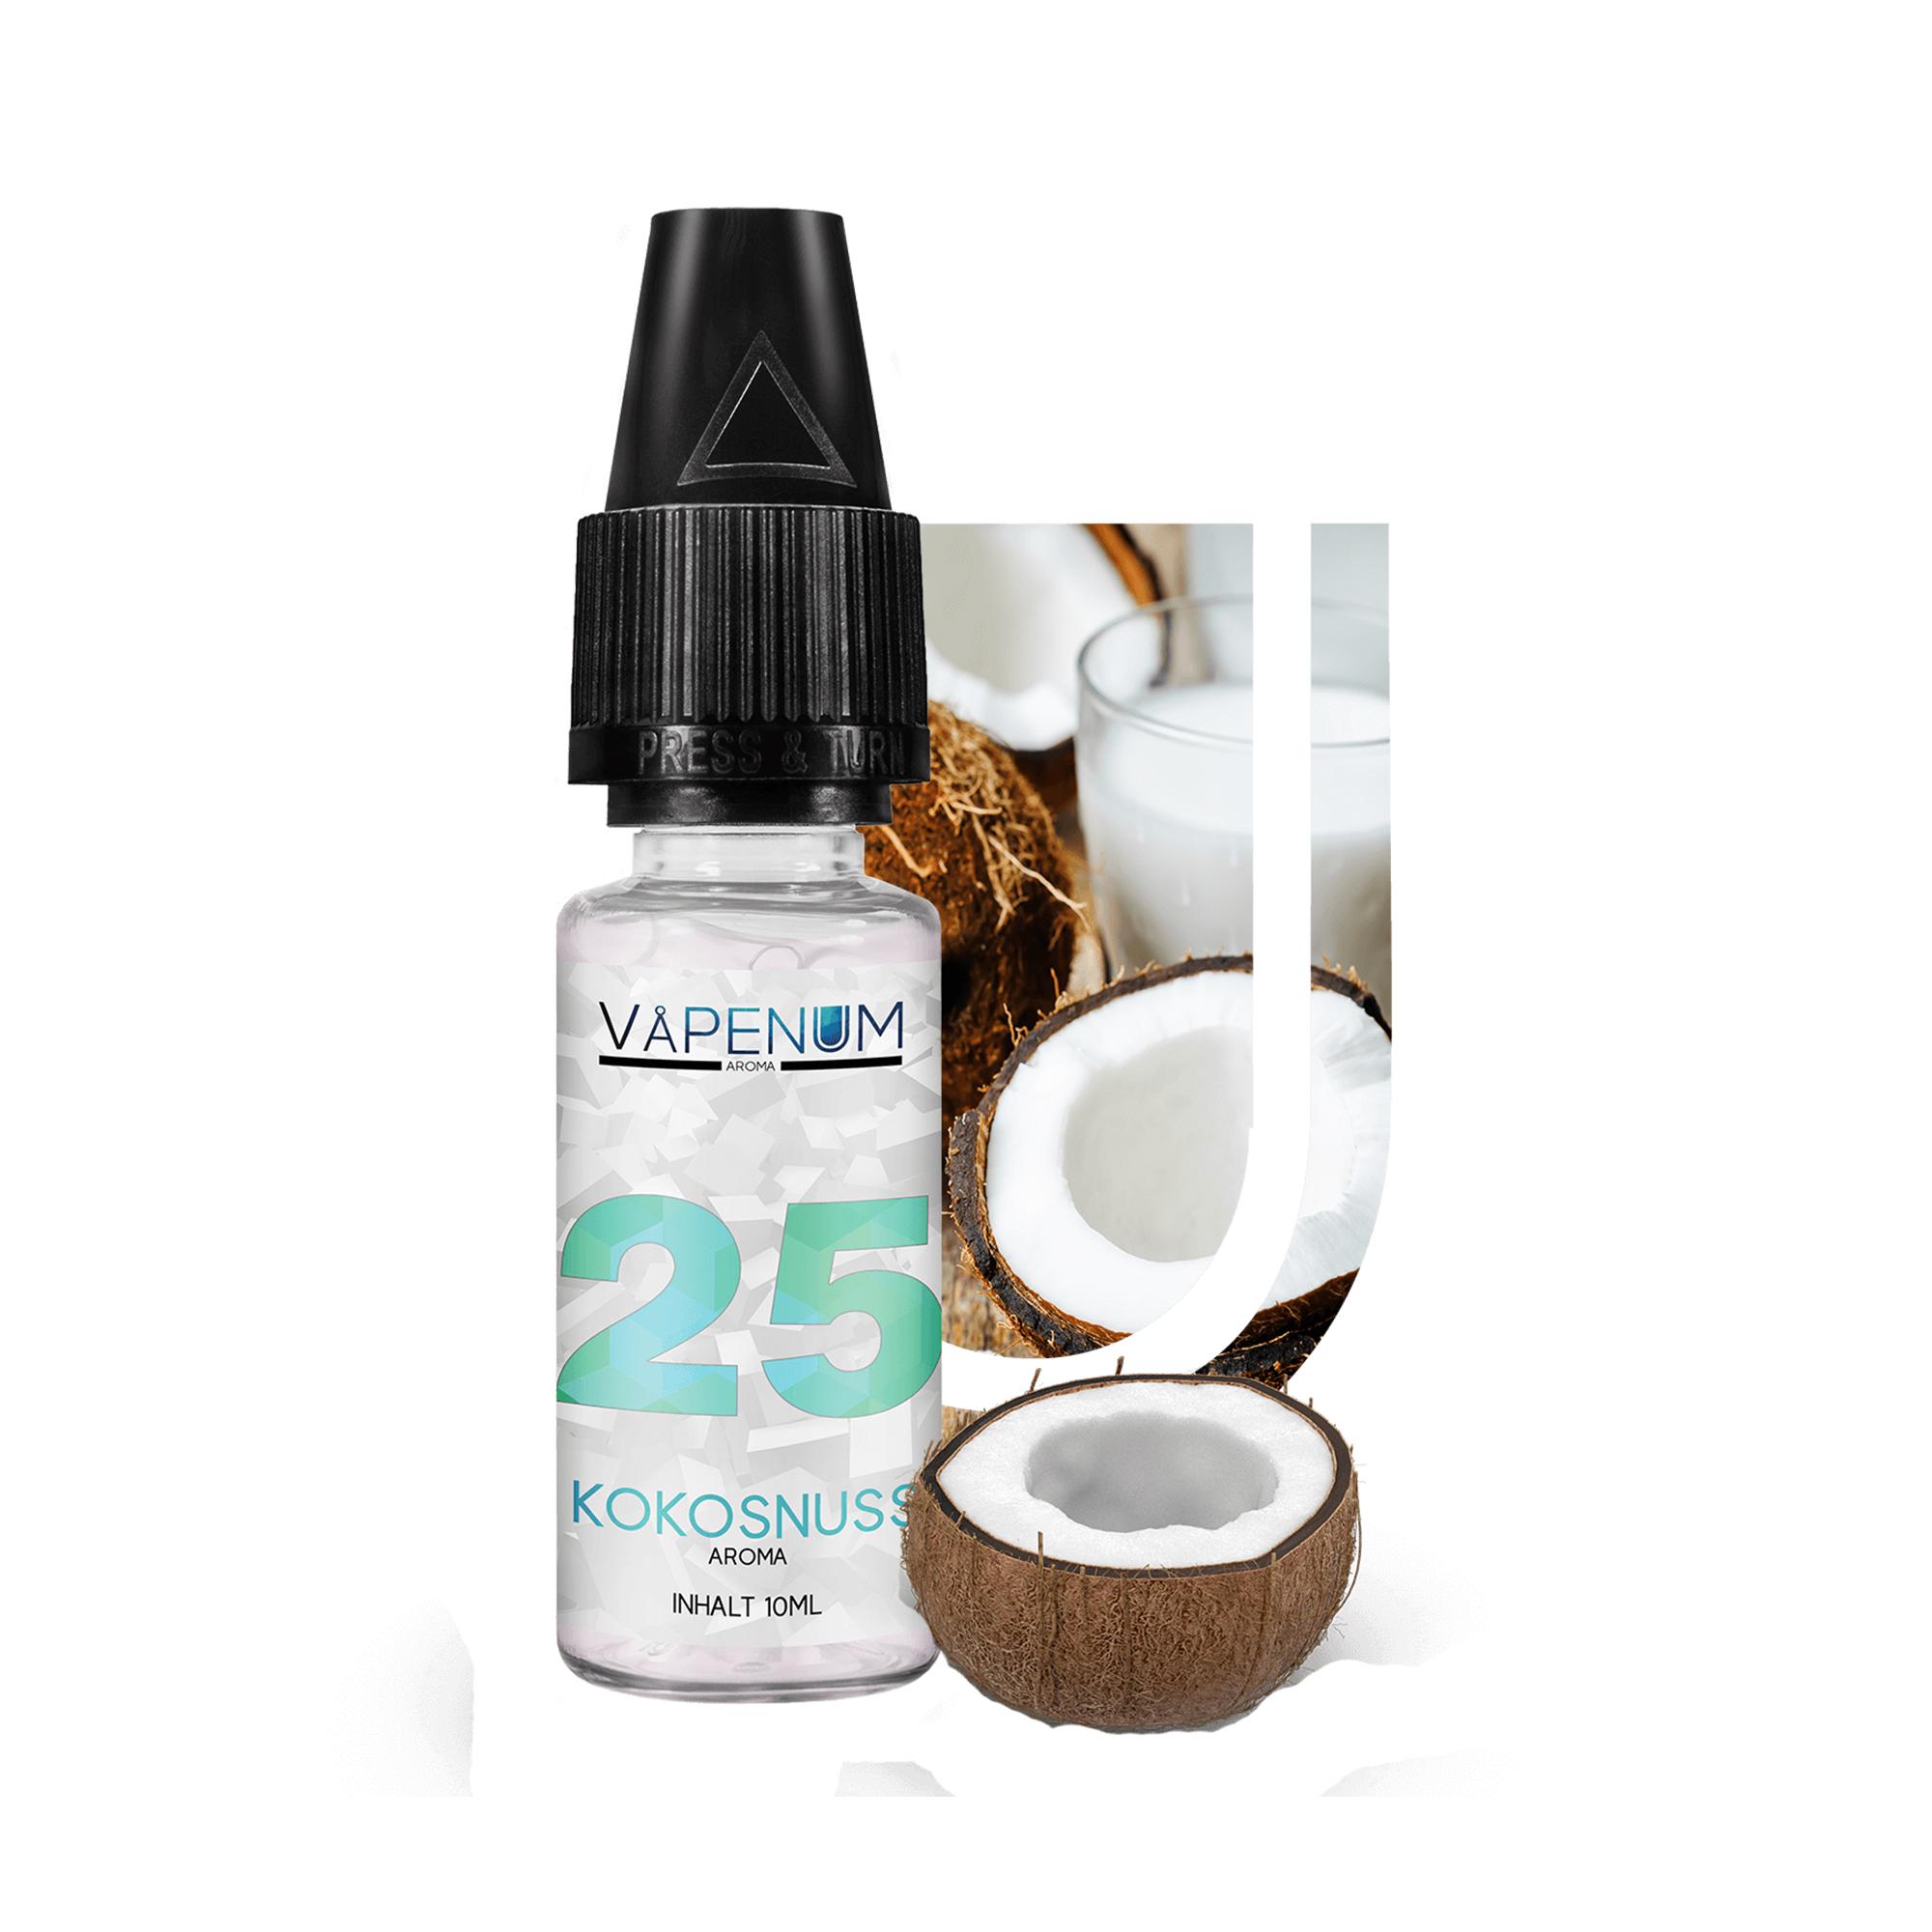 25 - Kokosnuss Aroma by Vapenum